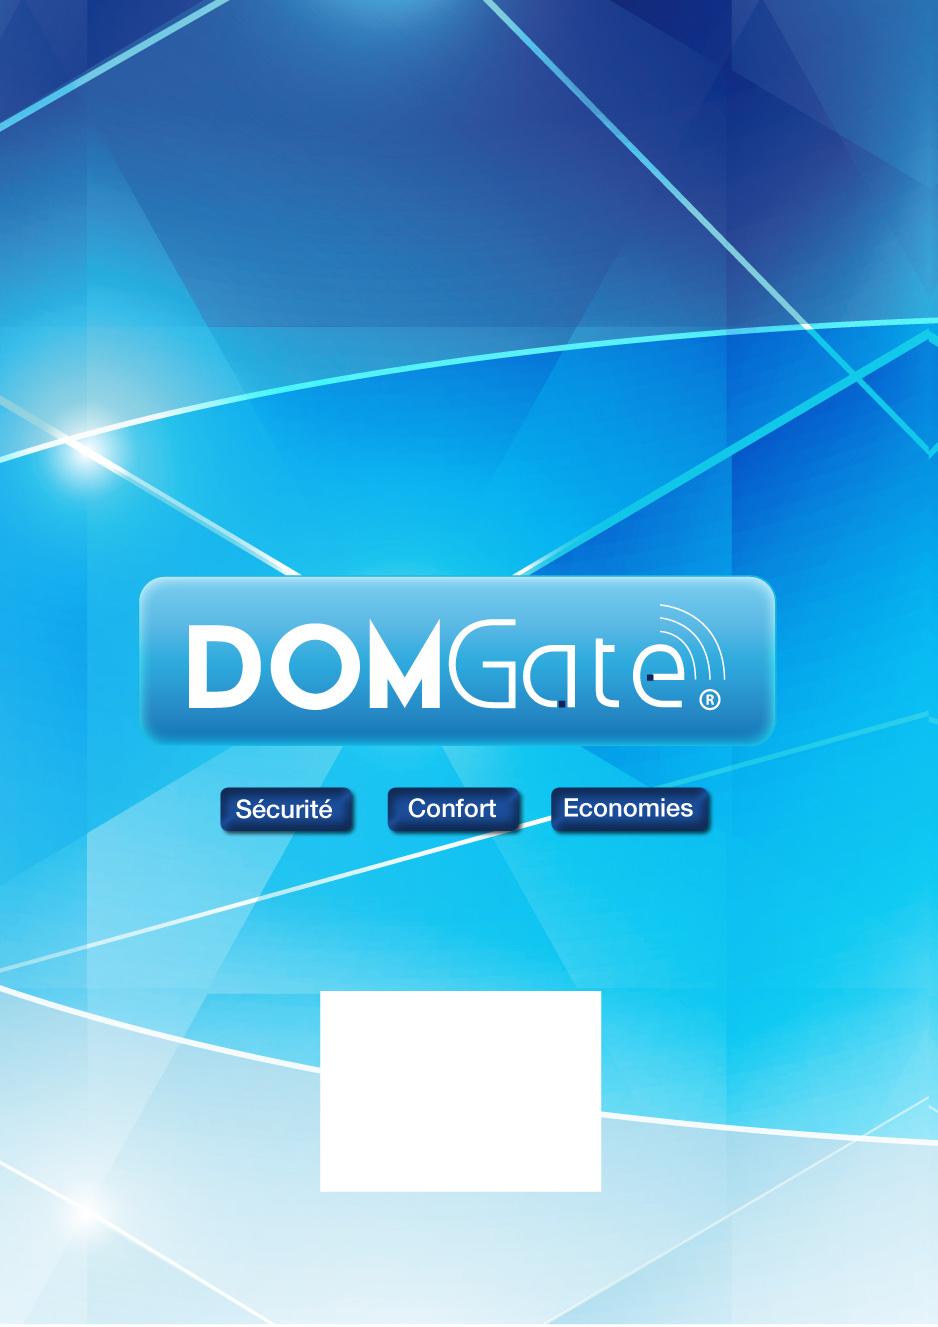 domgate_senior_plaquette-4